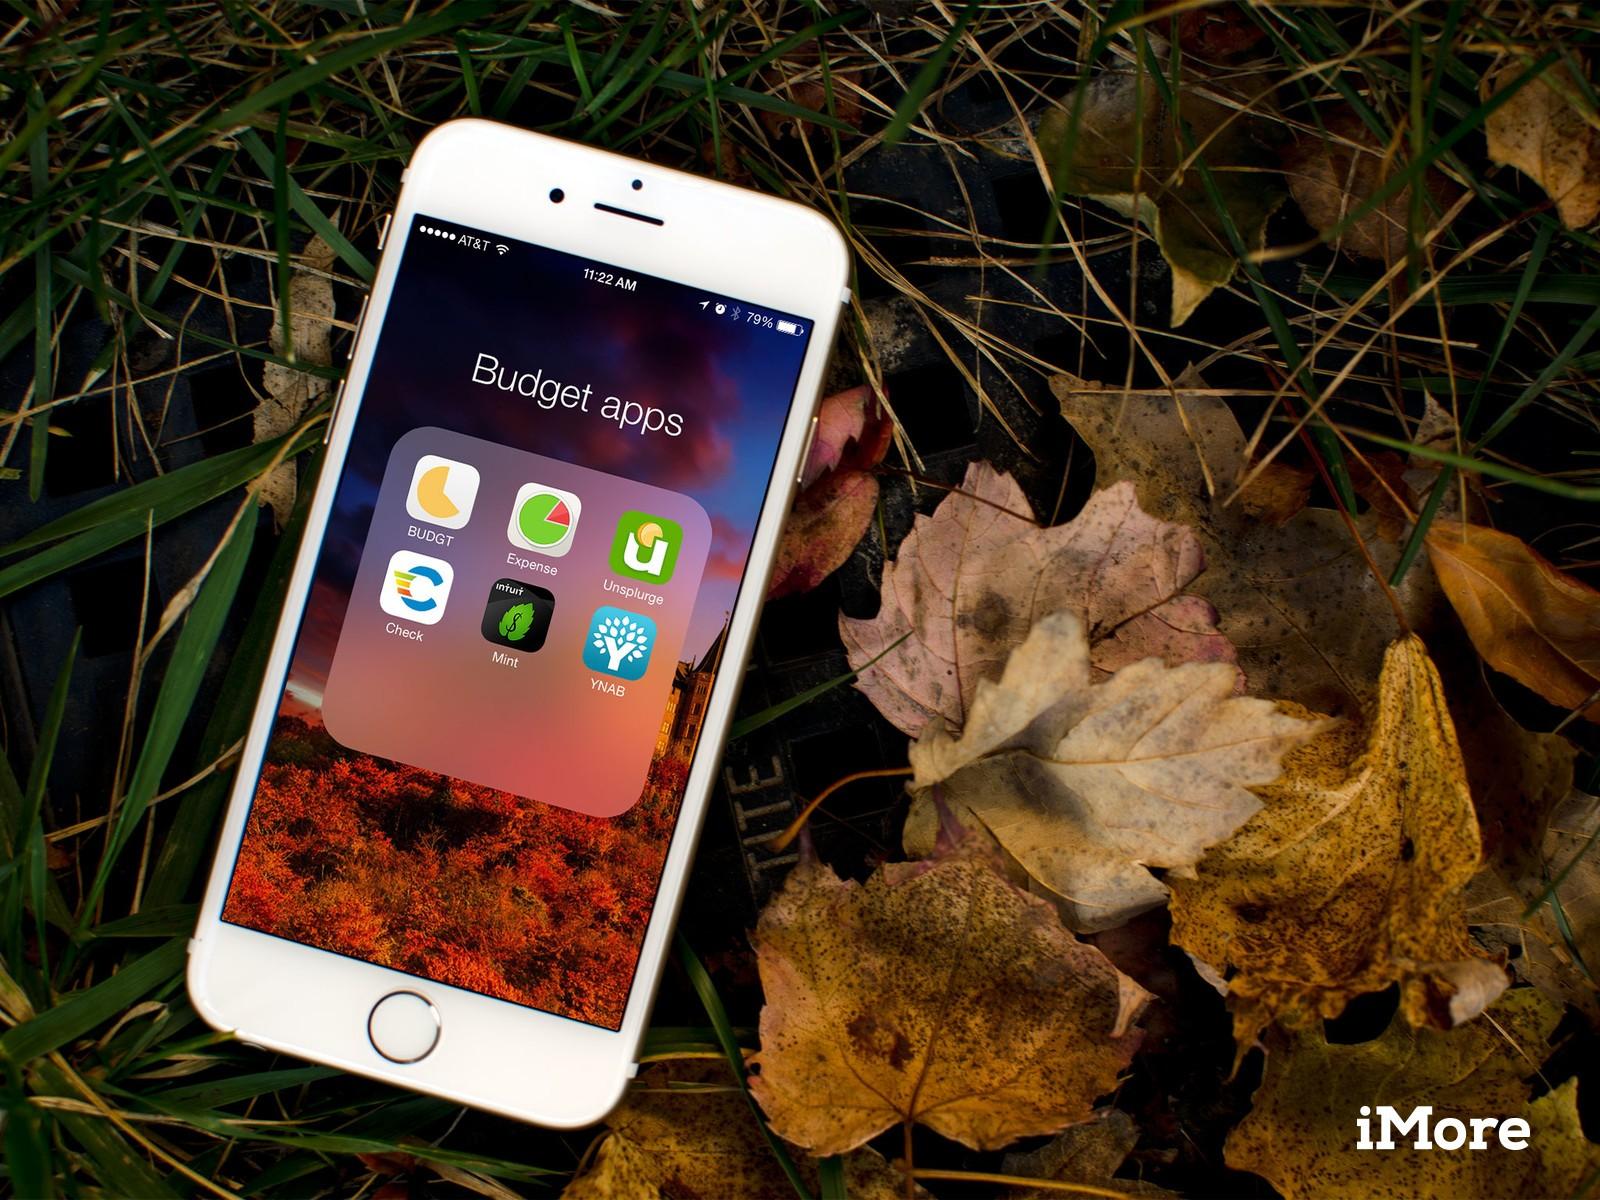 budget apps iphone 6 hero - أهم 5 تطبيقات لإدارة الميزانية وتوفير النفقات للأندرويد والآيفون